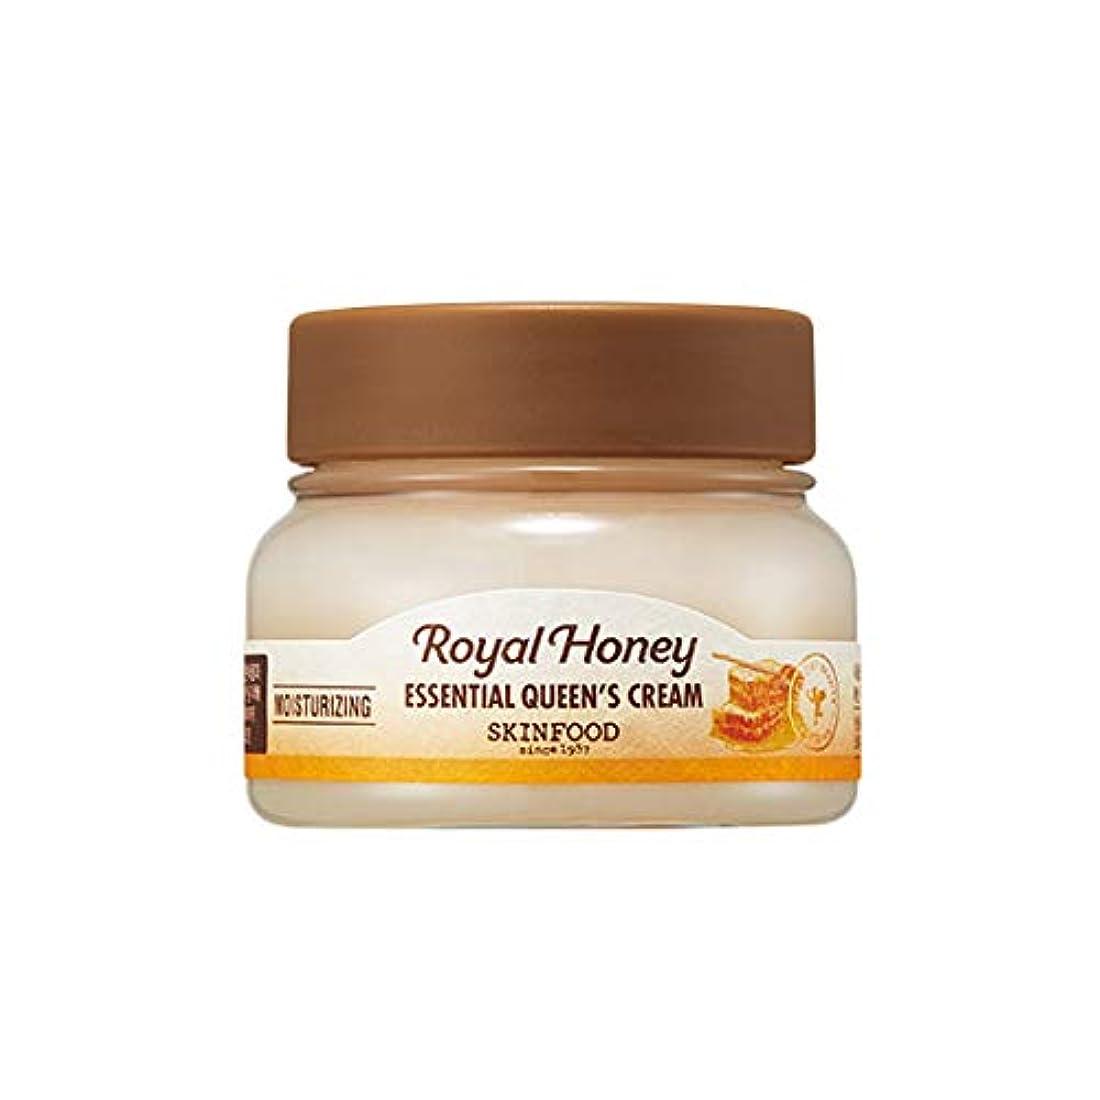 家事意気消沈した指Skinfood ロイヤルハニーエッセンシャルクイーンクリーム/Royal Honey Essential Queen's Cream 62ml [並行輸入品]